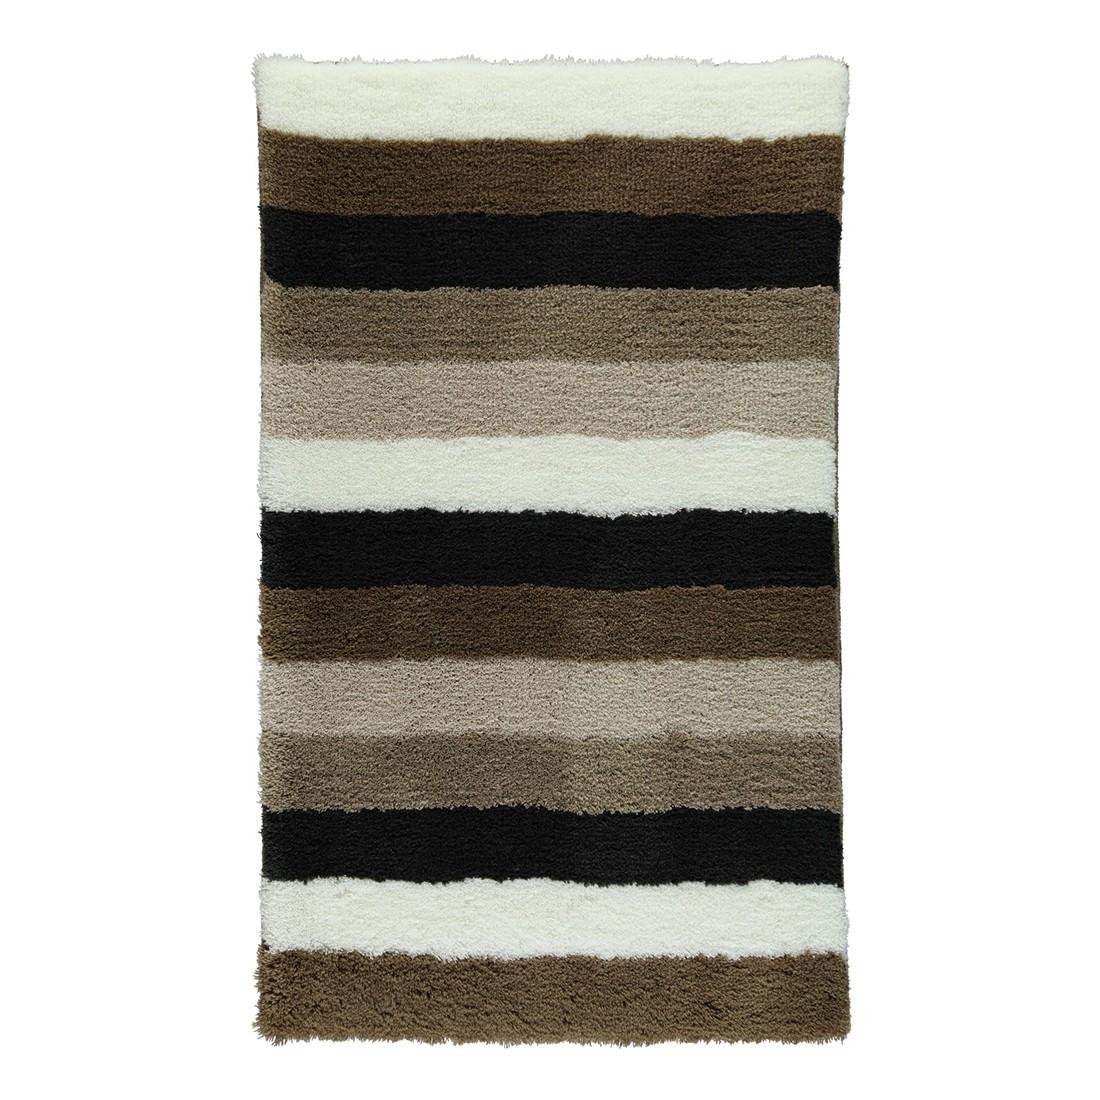 Badteppich Bilbao - 100% Polyacryl Kaschmir - 287 - Abmessungen: 70 x 120 cm, Kleine Wolke